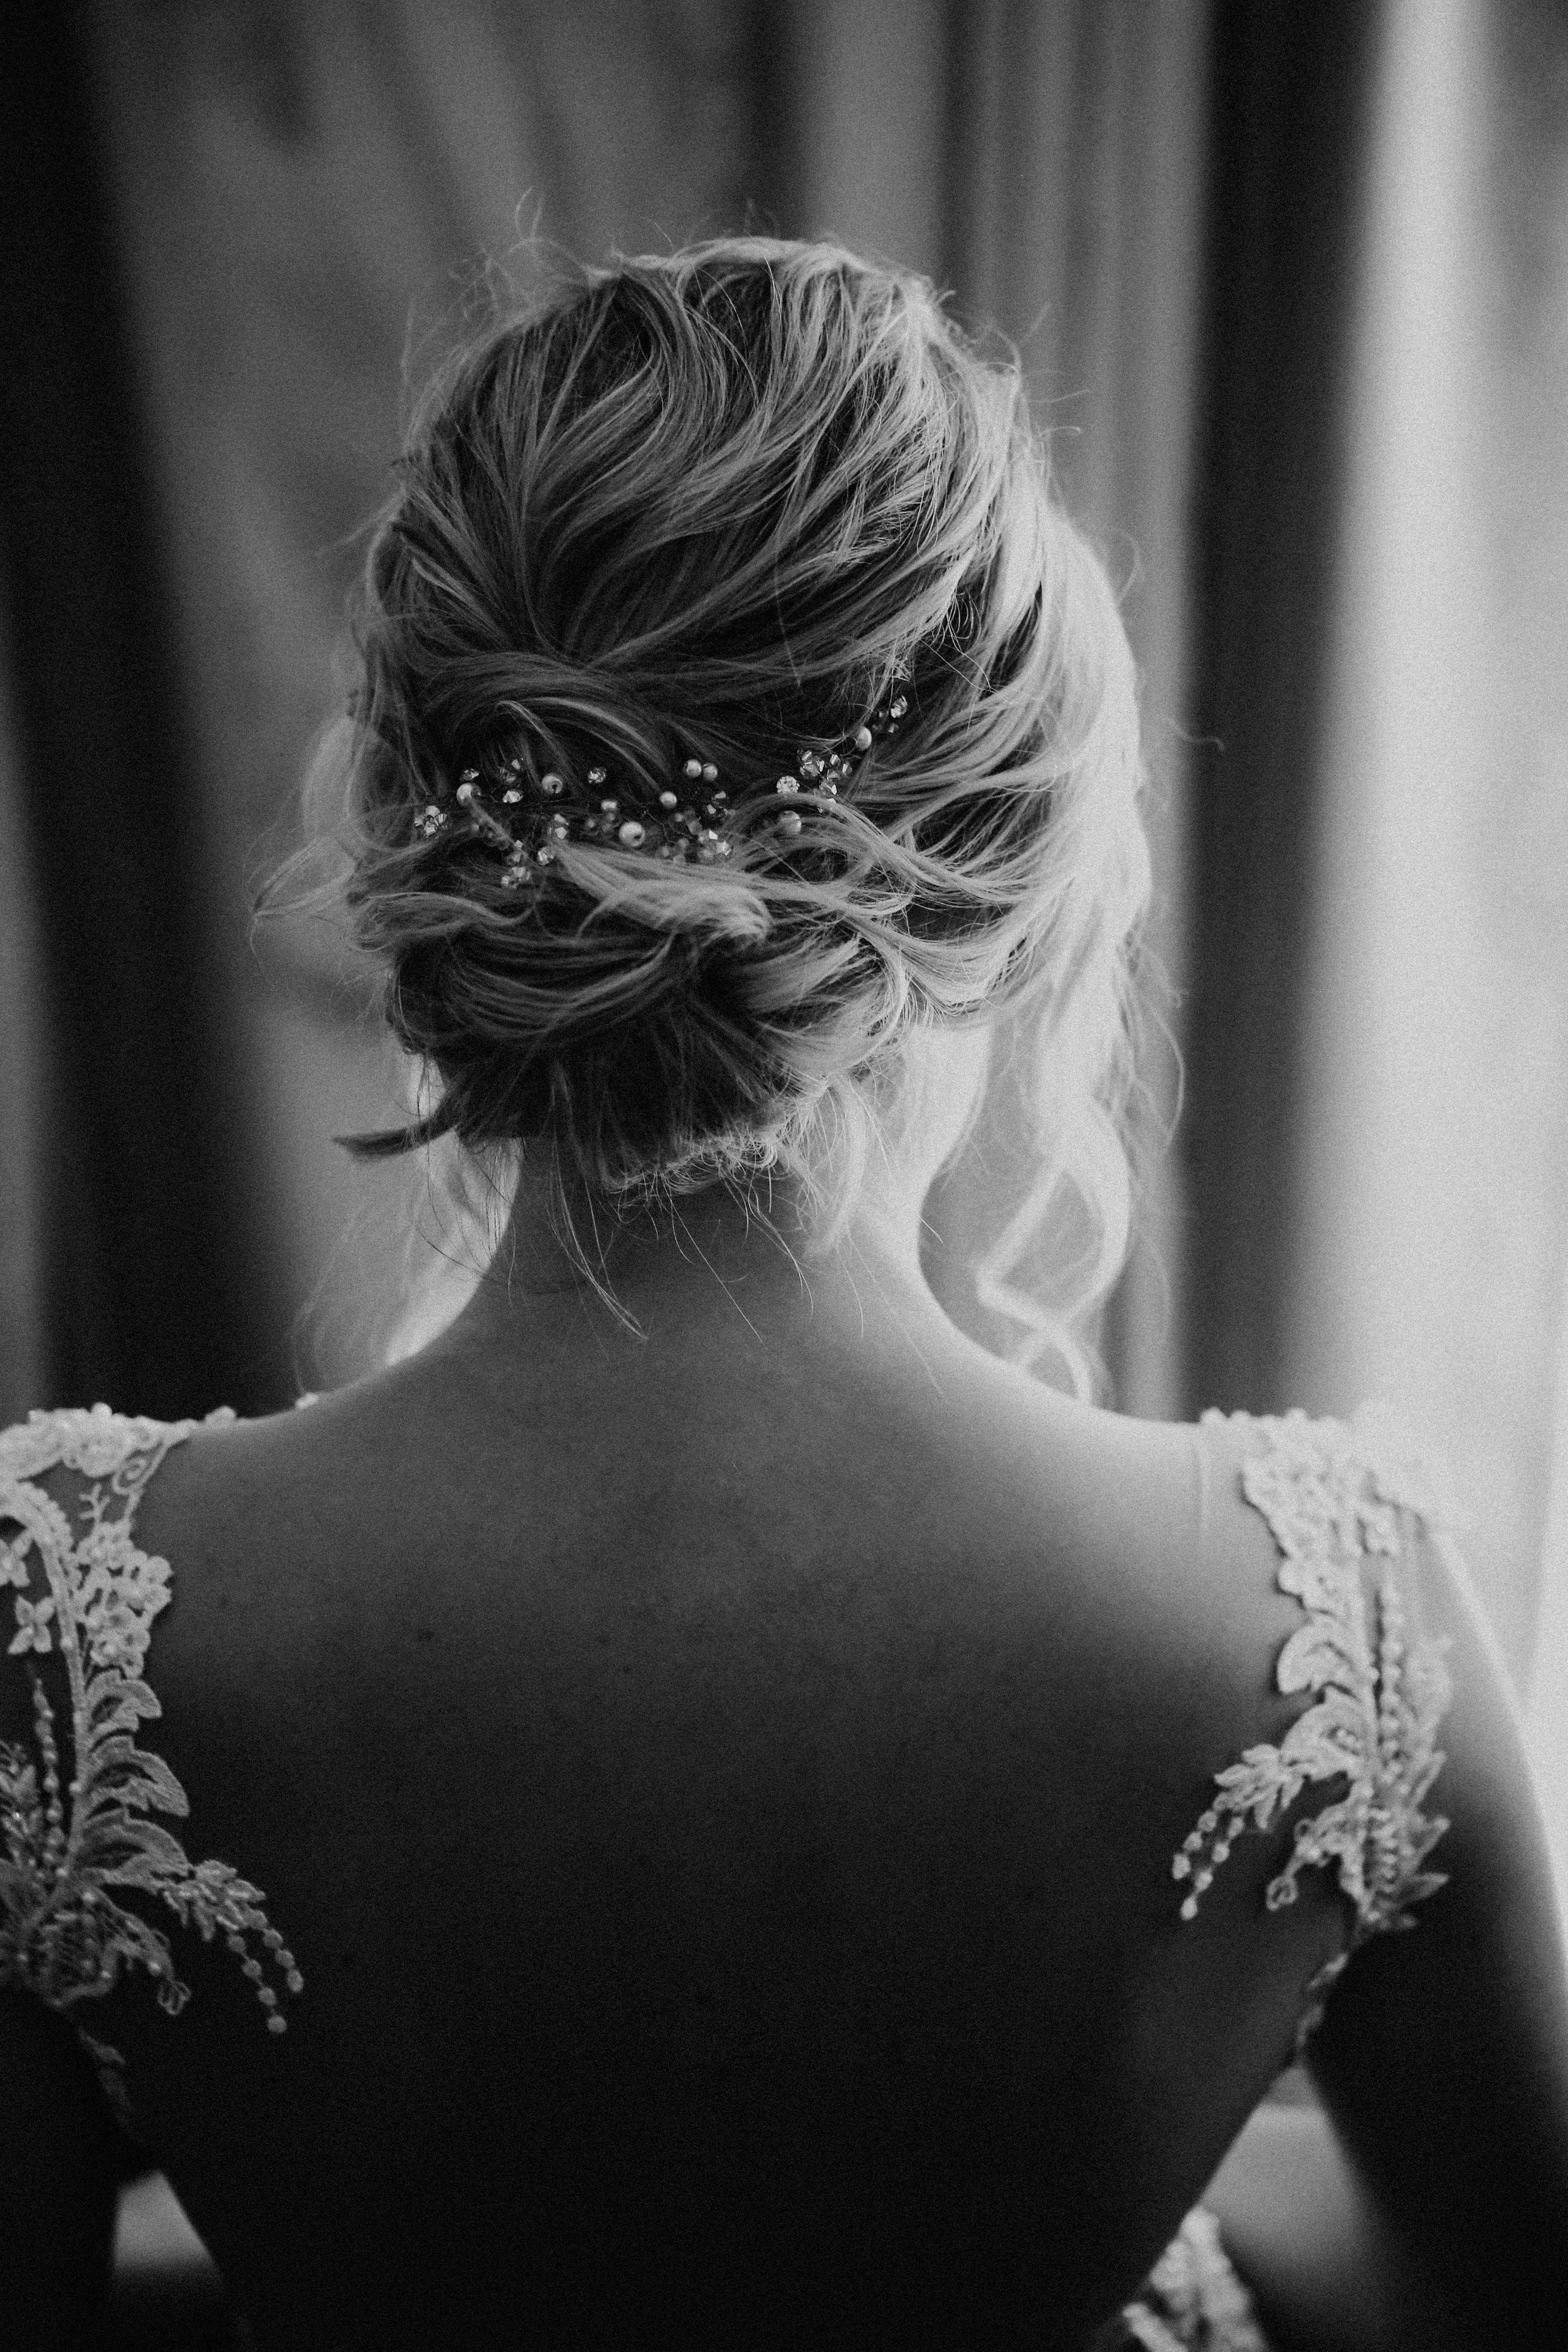 wedding-630475_960_720.jpg